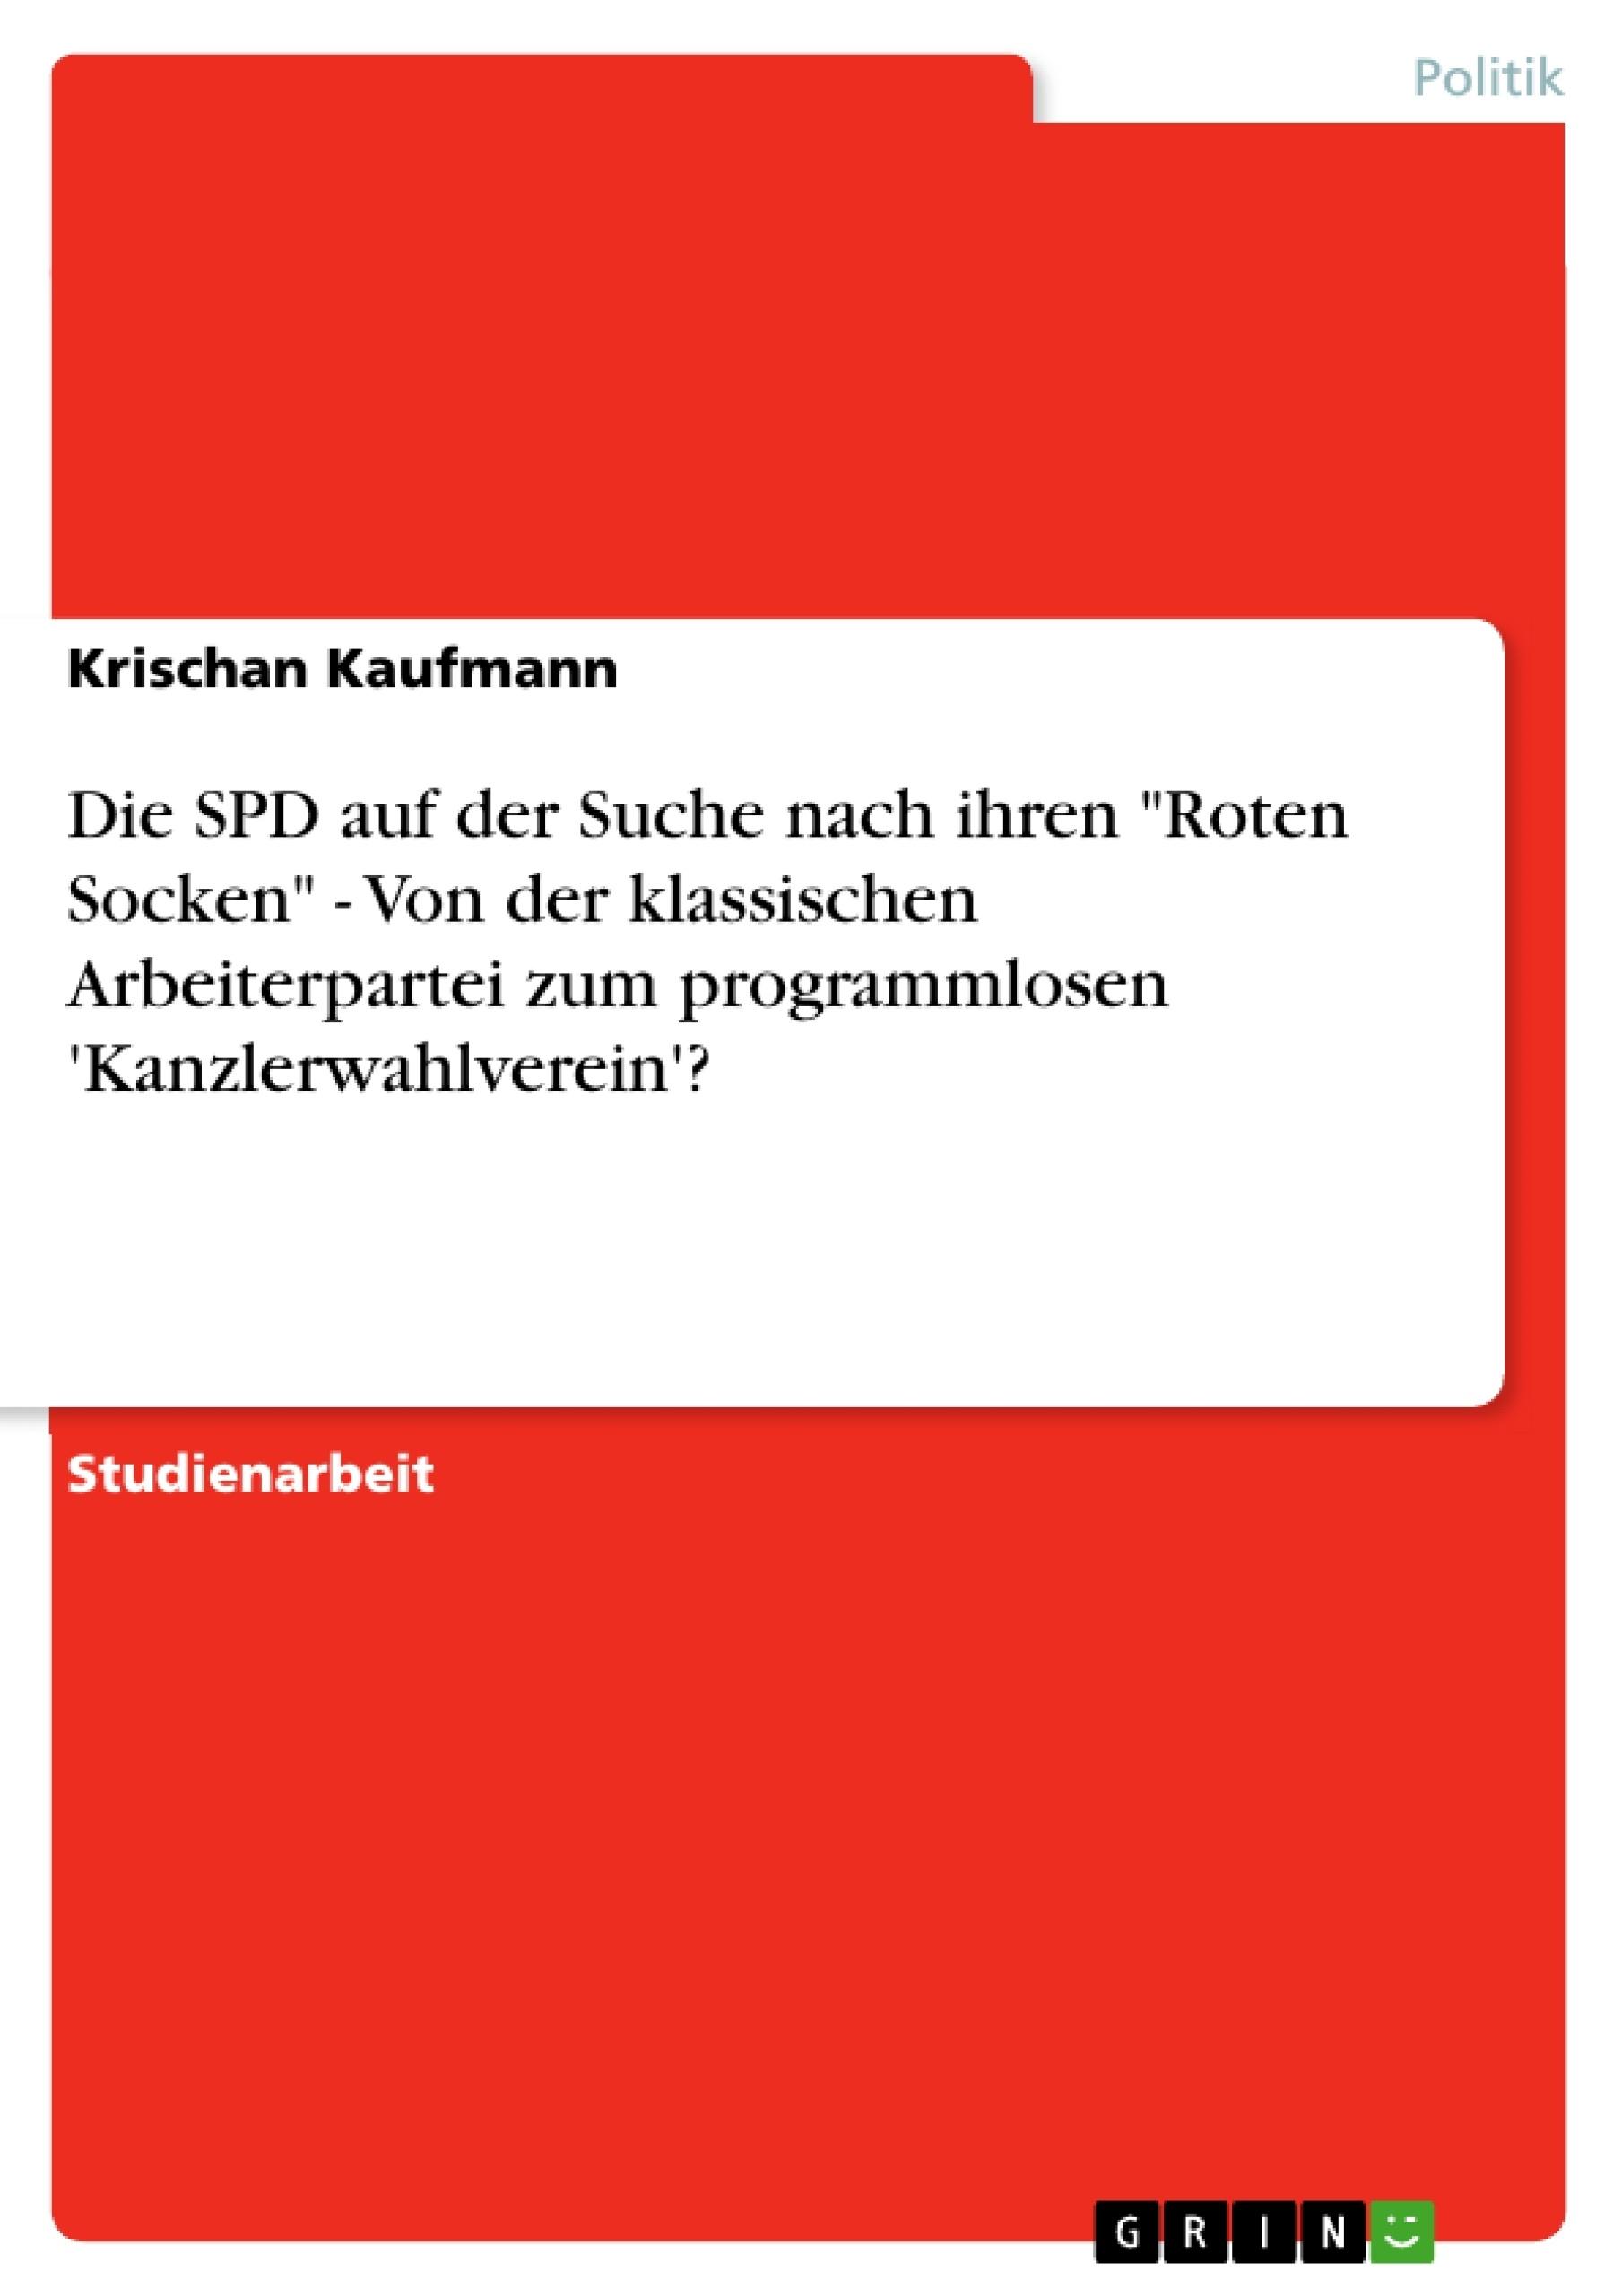 """Titel: Die SPD auf der Suche nach ihren """"Roten Socken"""" - Von der klassischen Arbeiterpartei zum programmlosen 'Kanzlerwahlverein'?"""